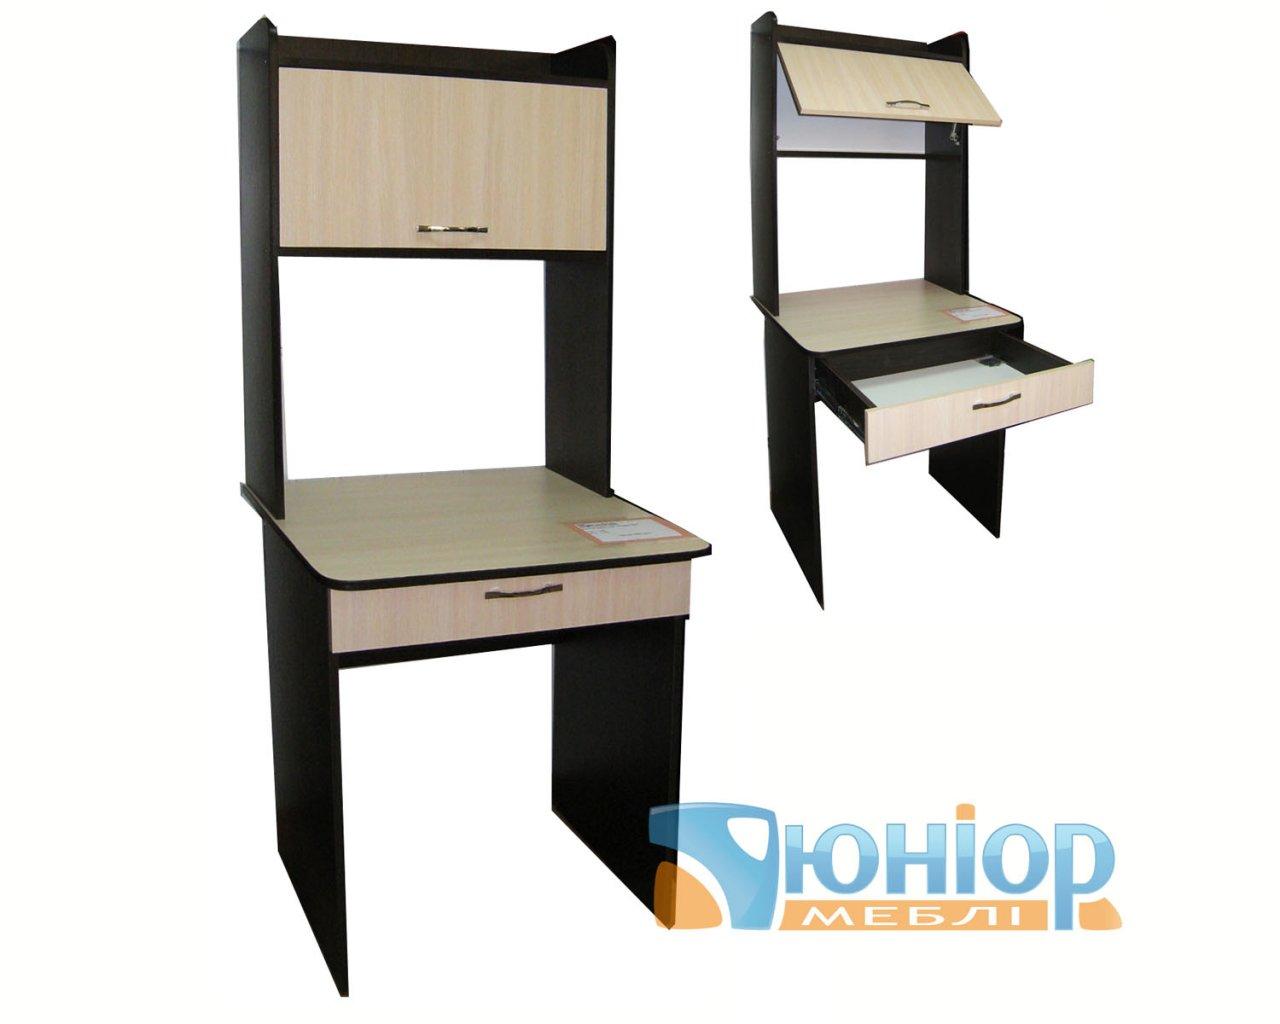 компьютерный стол юниор 1211 цены от 148000 грн